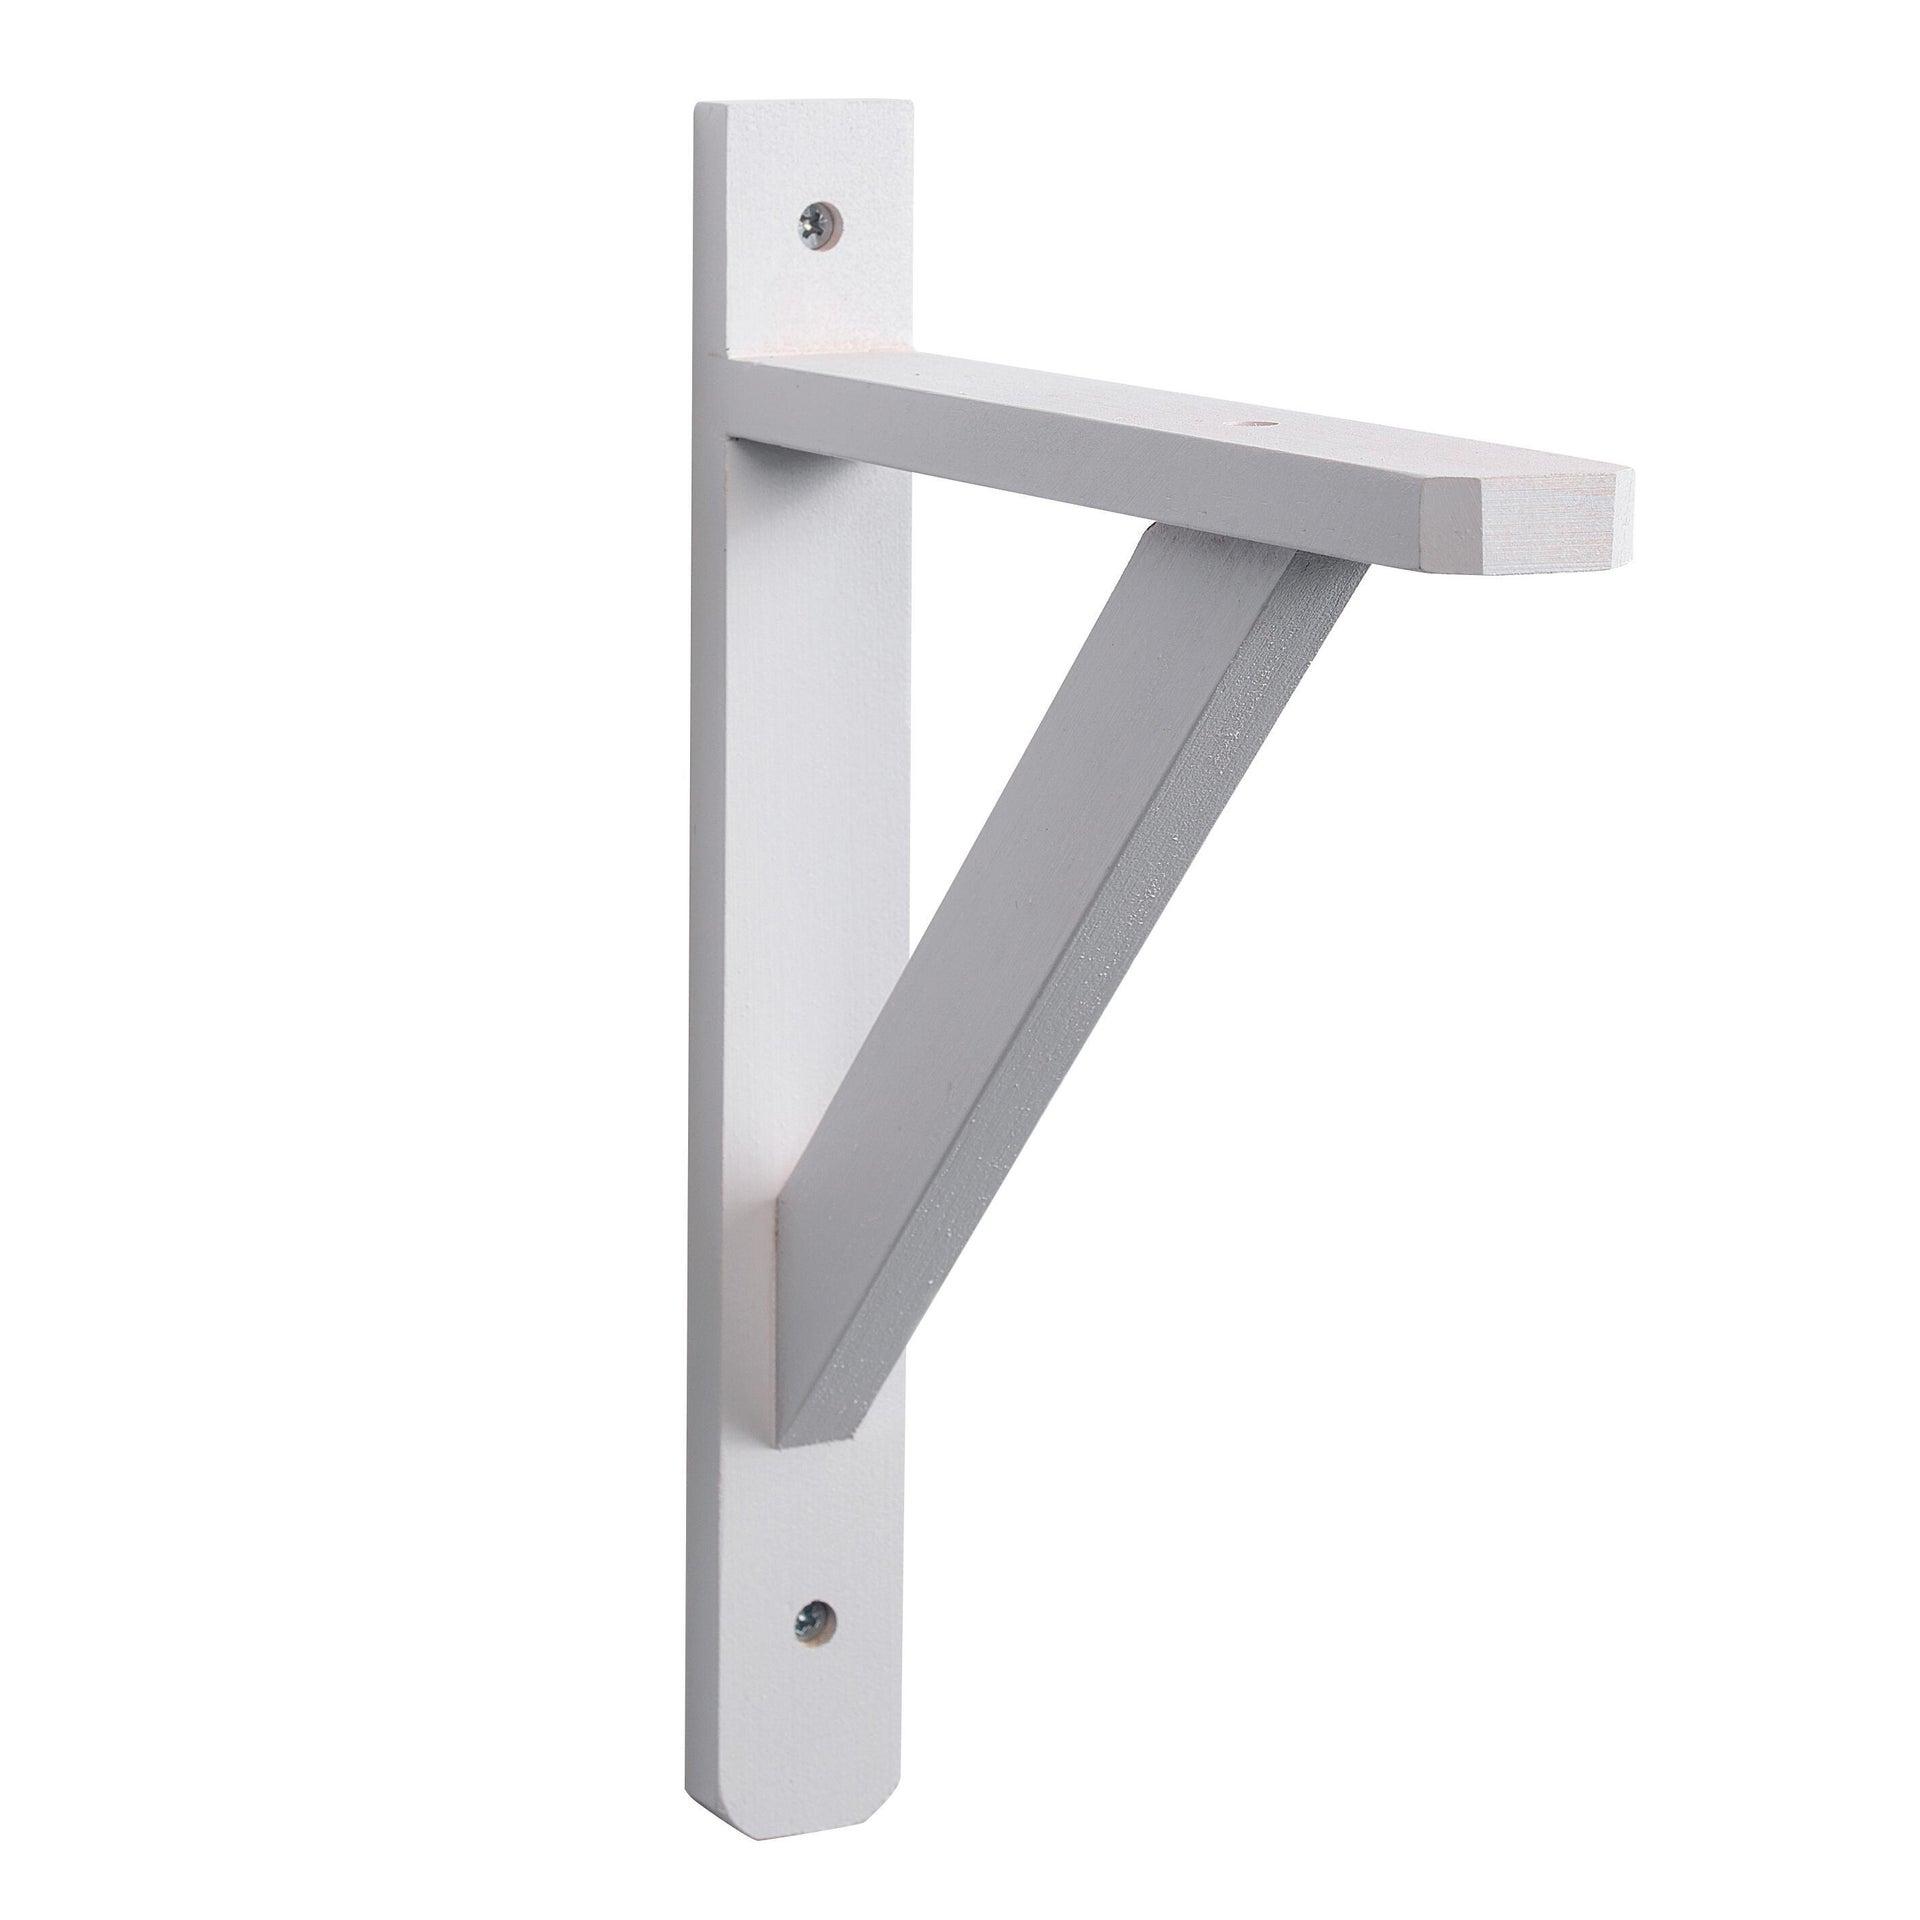 Staffa Squadra L 23 x H 28 cm bianco